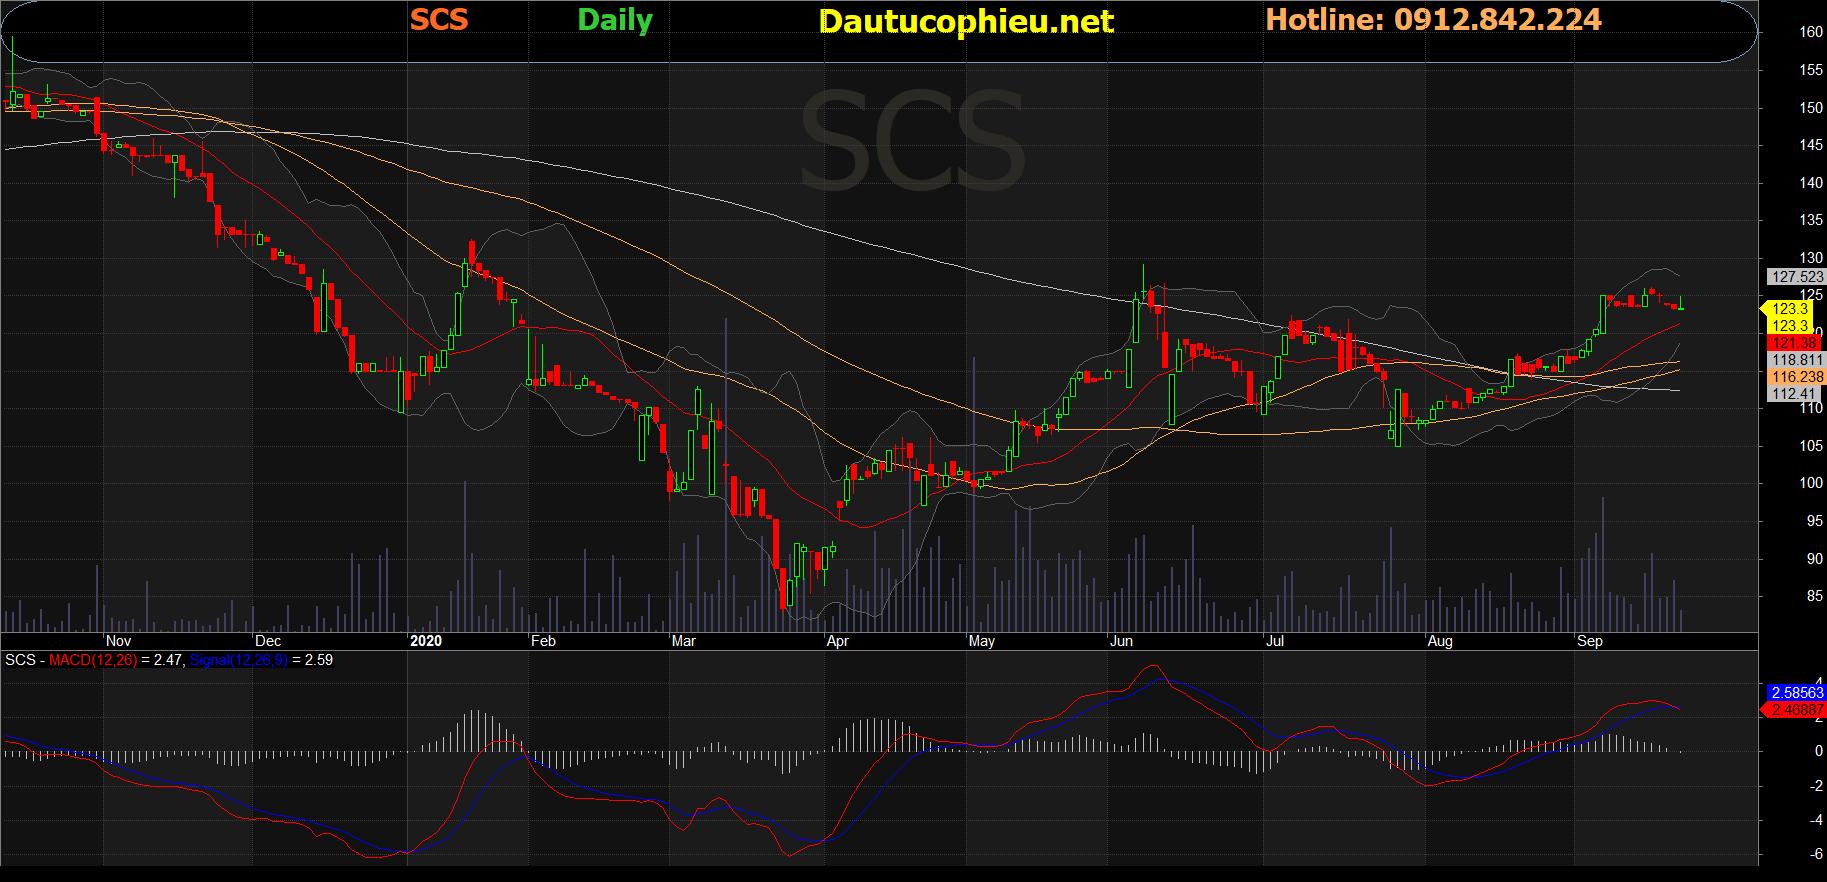 Cổ phiếu SCS